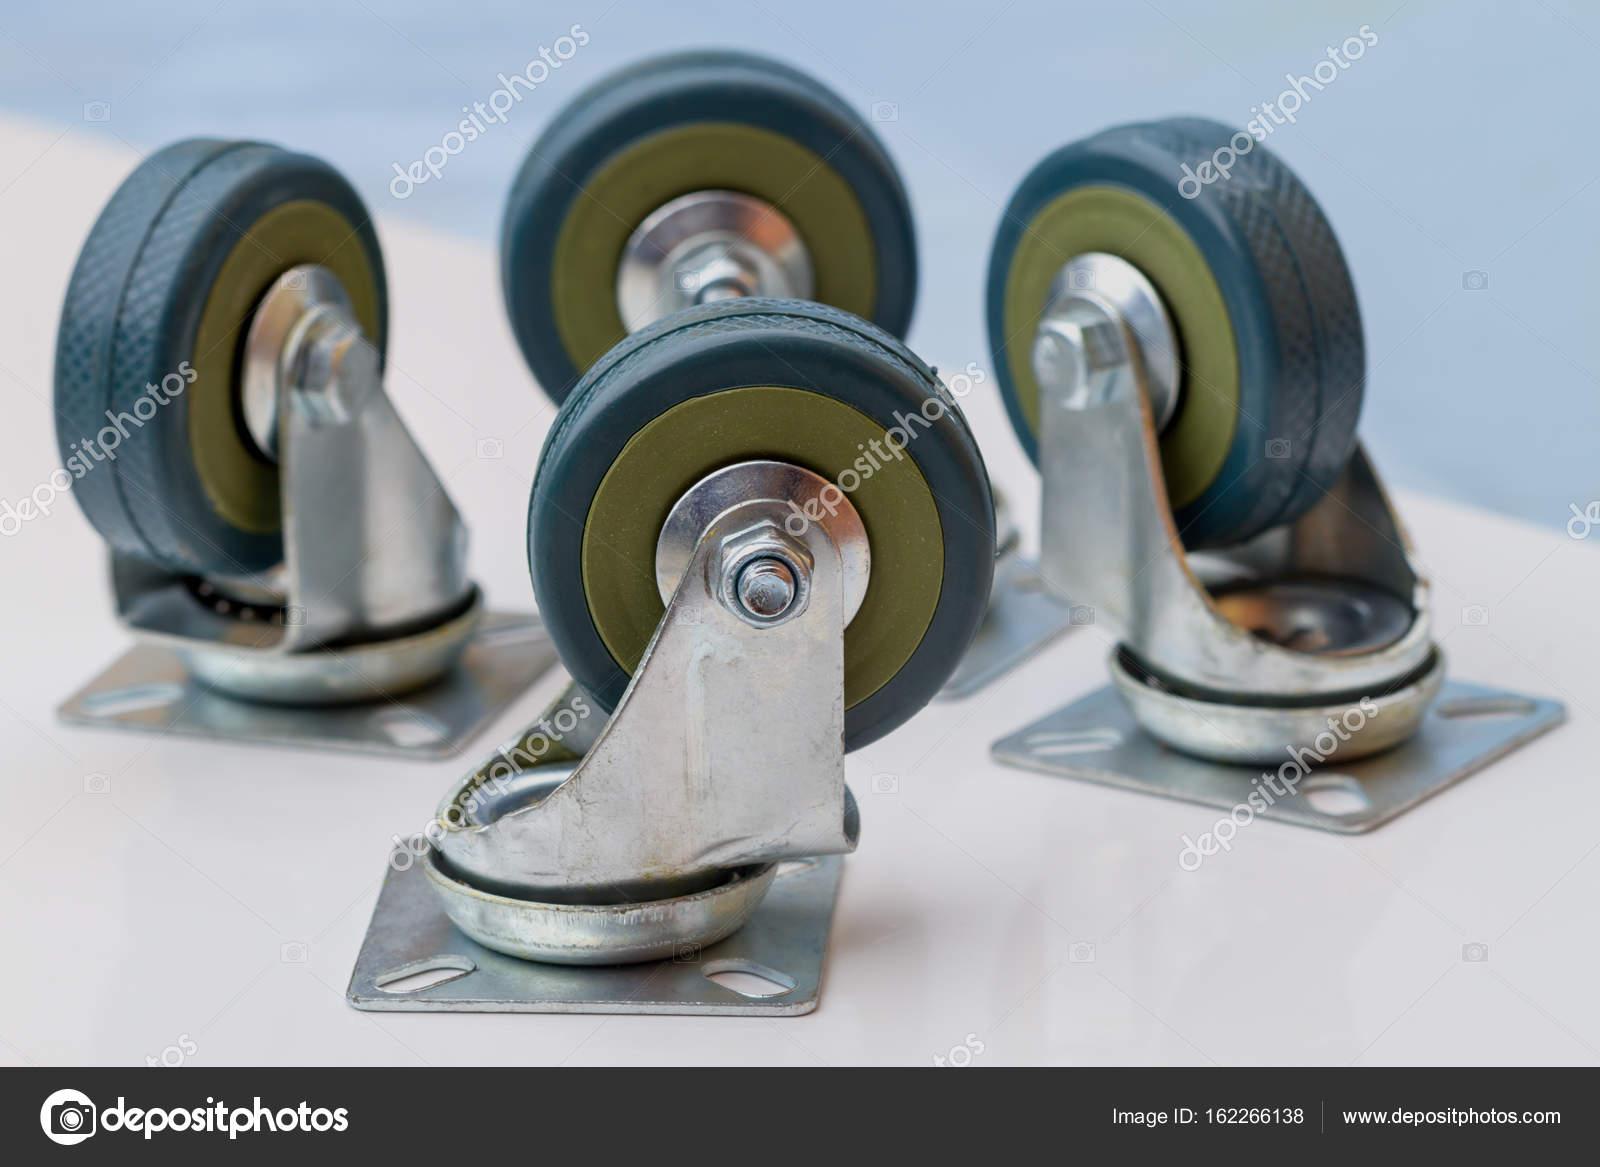 Wielen Voor Meubels : Rubberen wielen voor meubels u2014 stockfoto © ra3rn #162266138